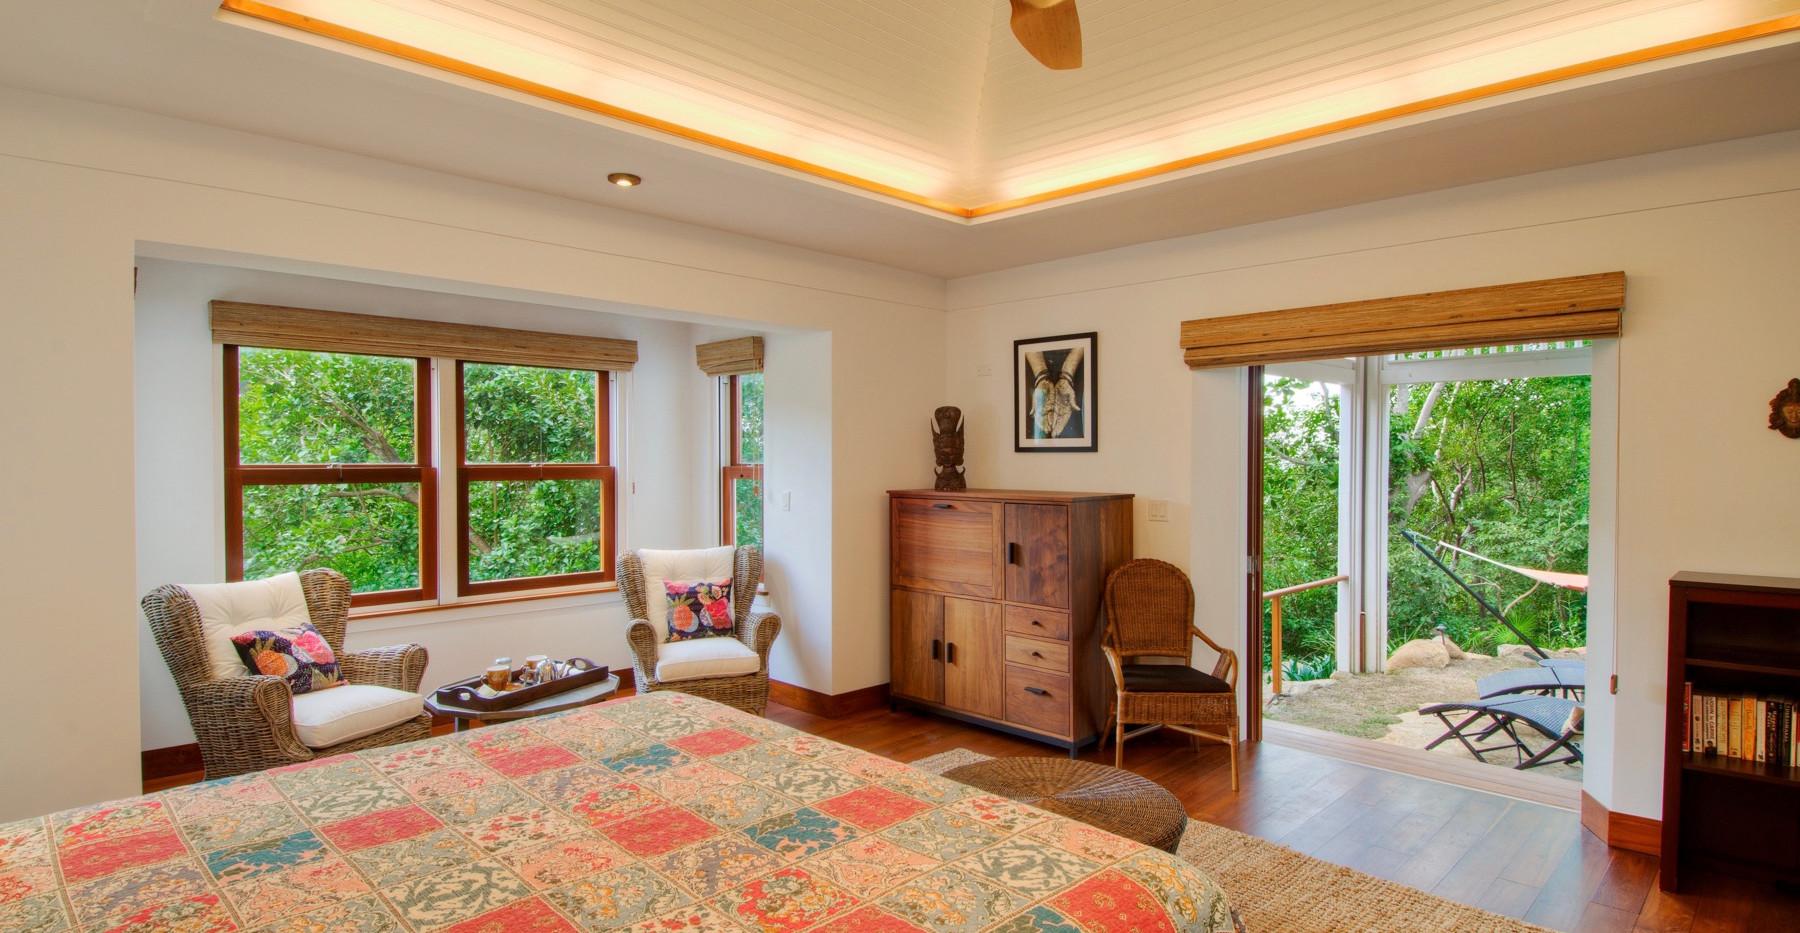 Villa-parvati-little-bay-bvi-30-Bedroom